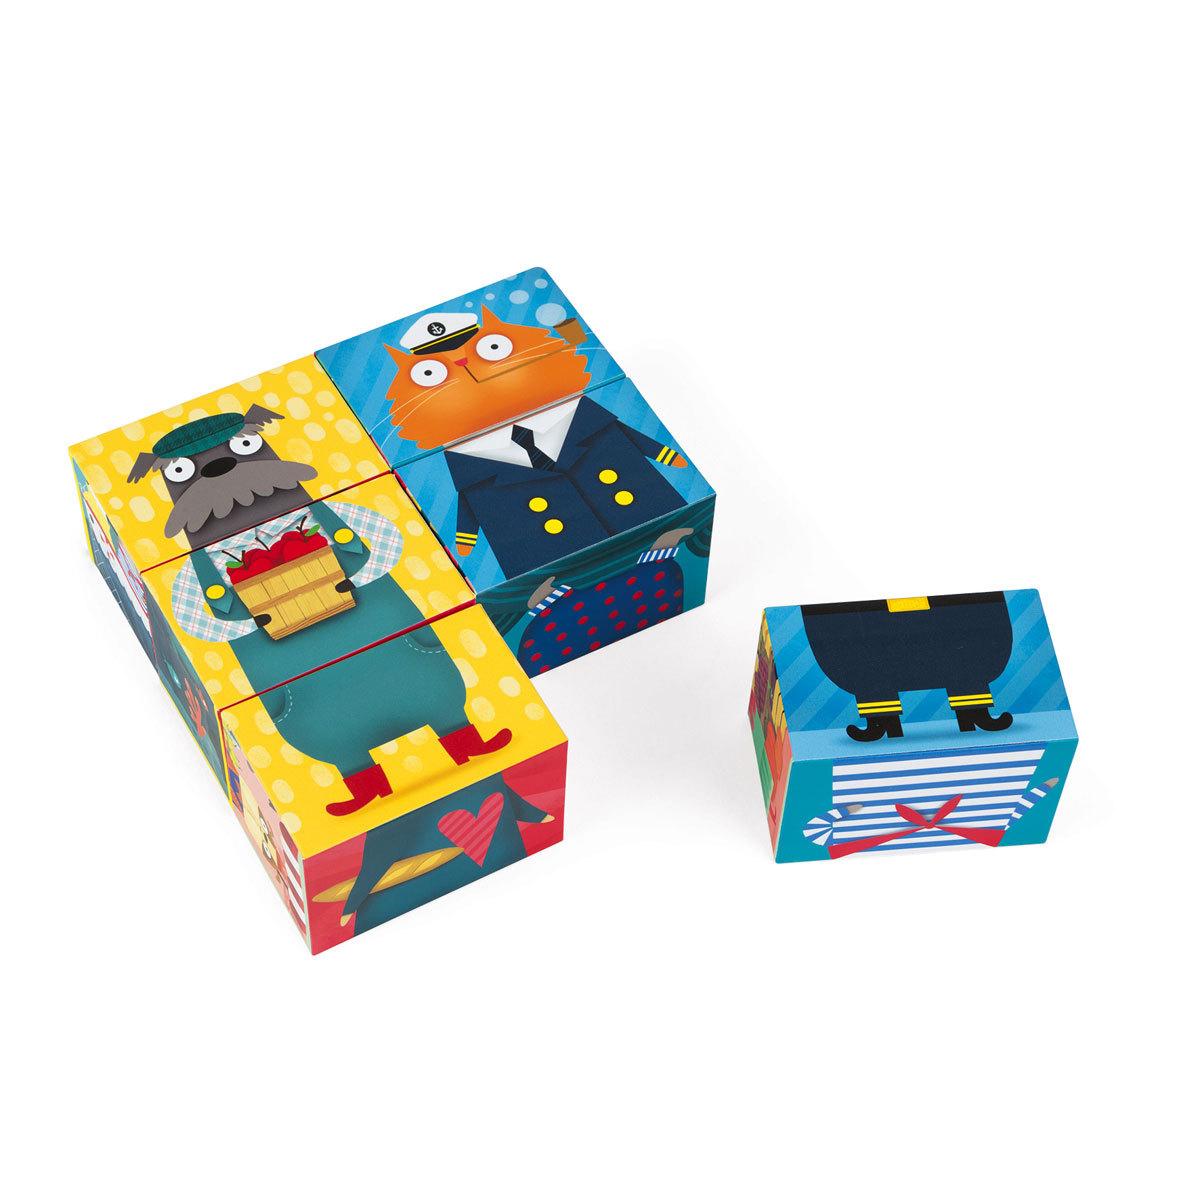 Mes premiers jouets 6 Cubes Mix&Match Chiens et Chats - Kubkid 6 Cubes Mix&Match Chiens et Chats - Kubkid